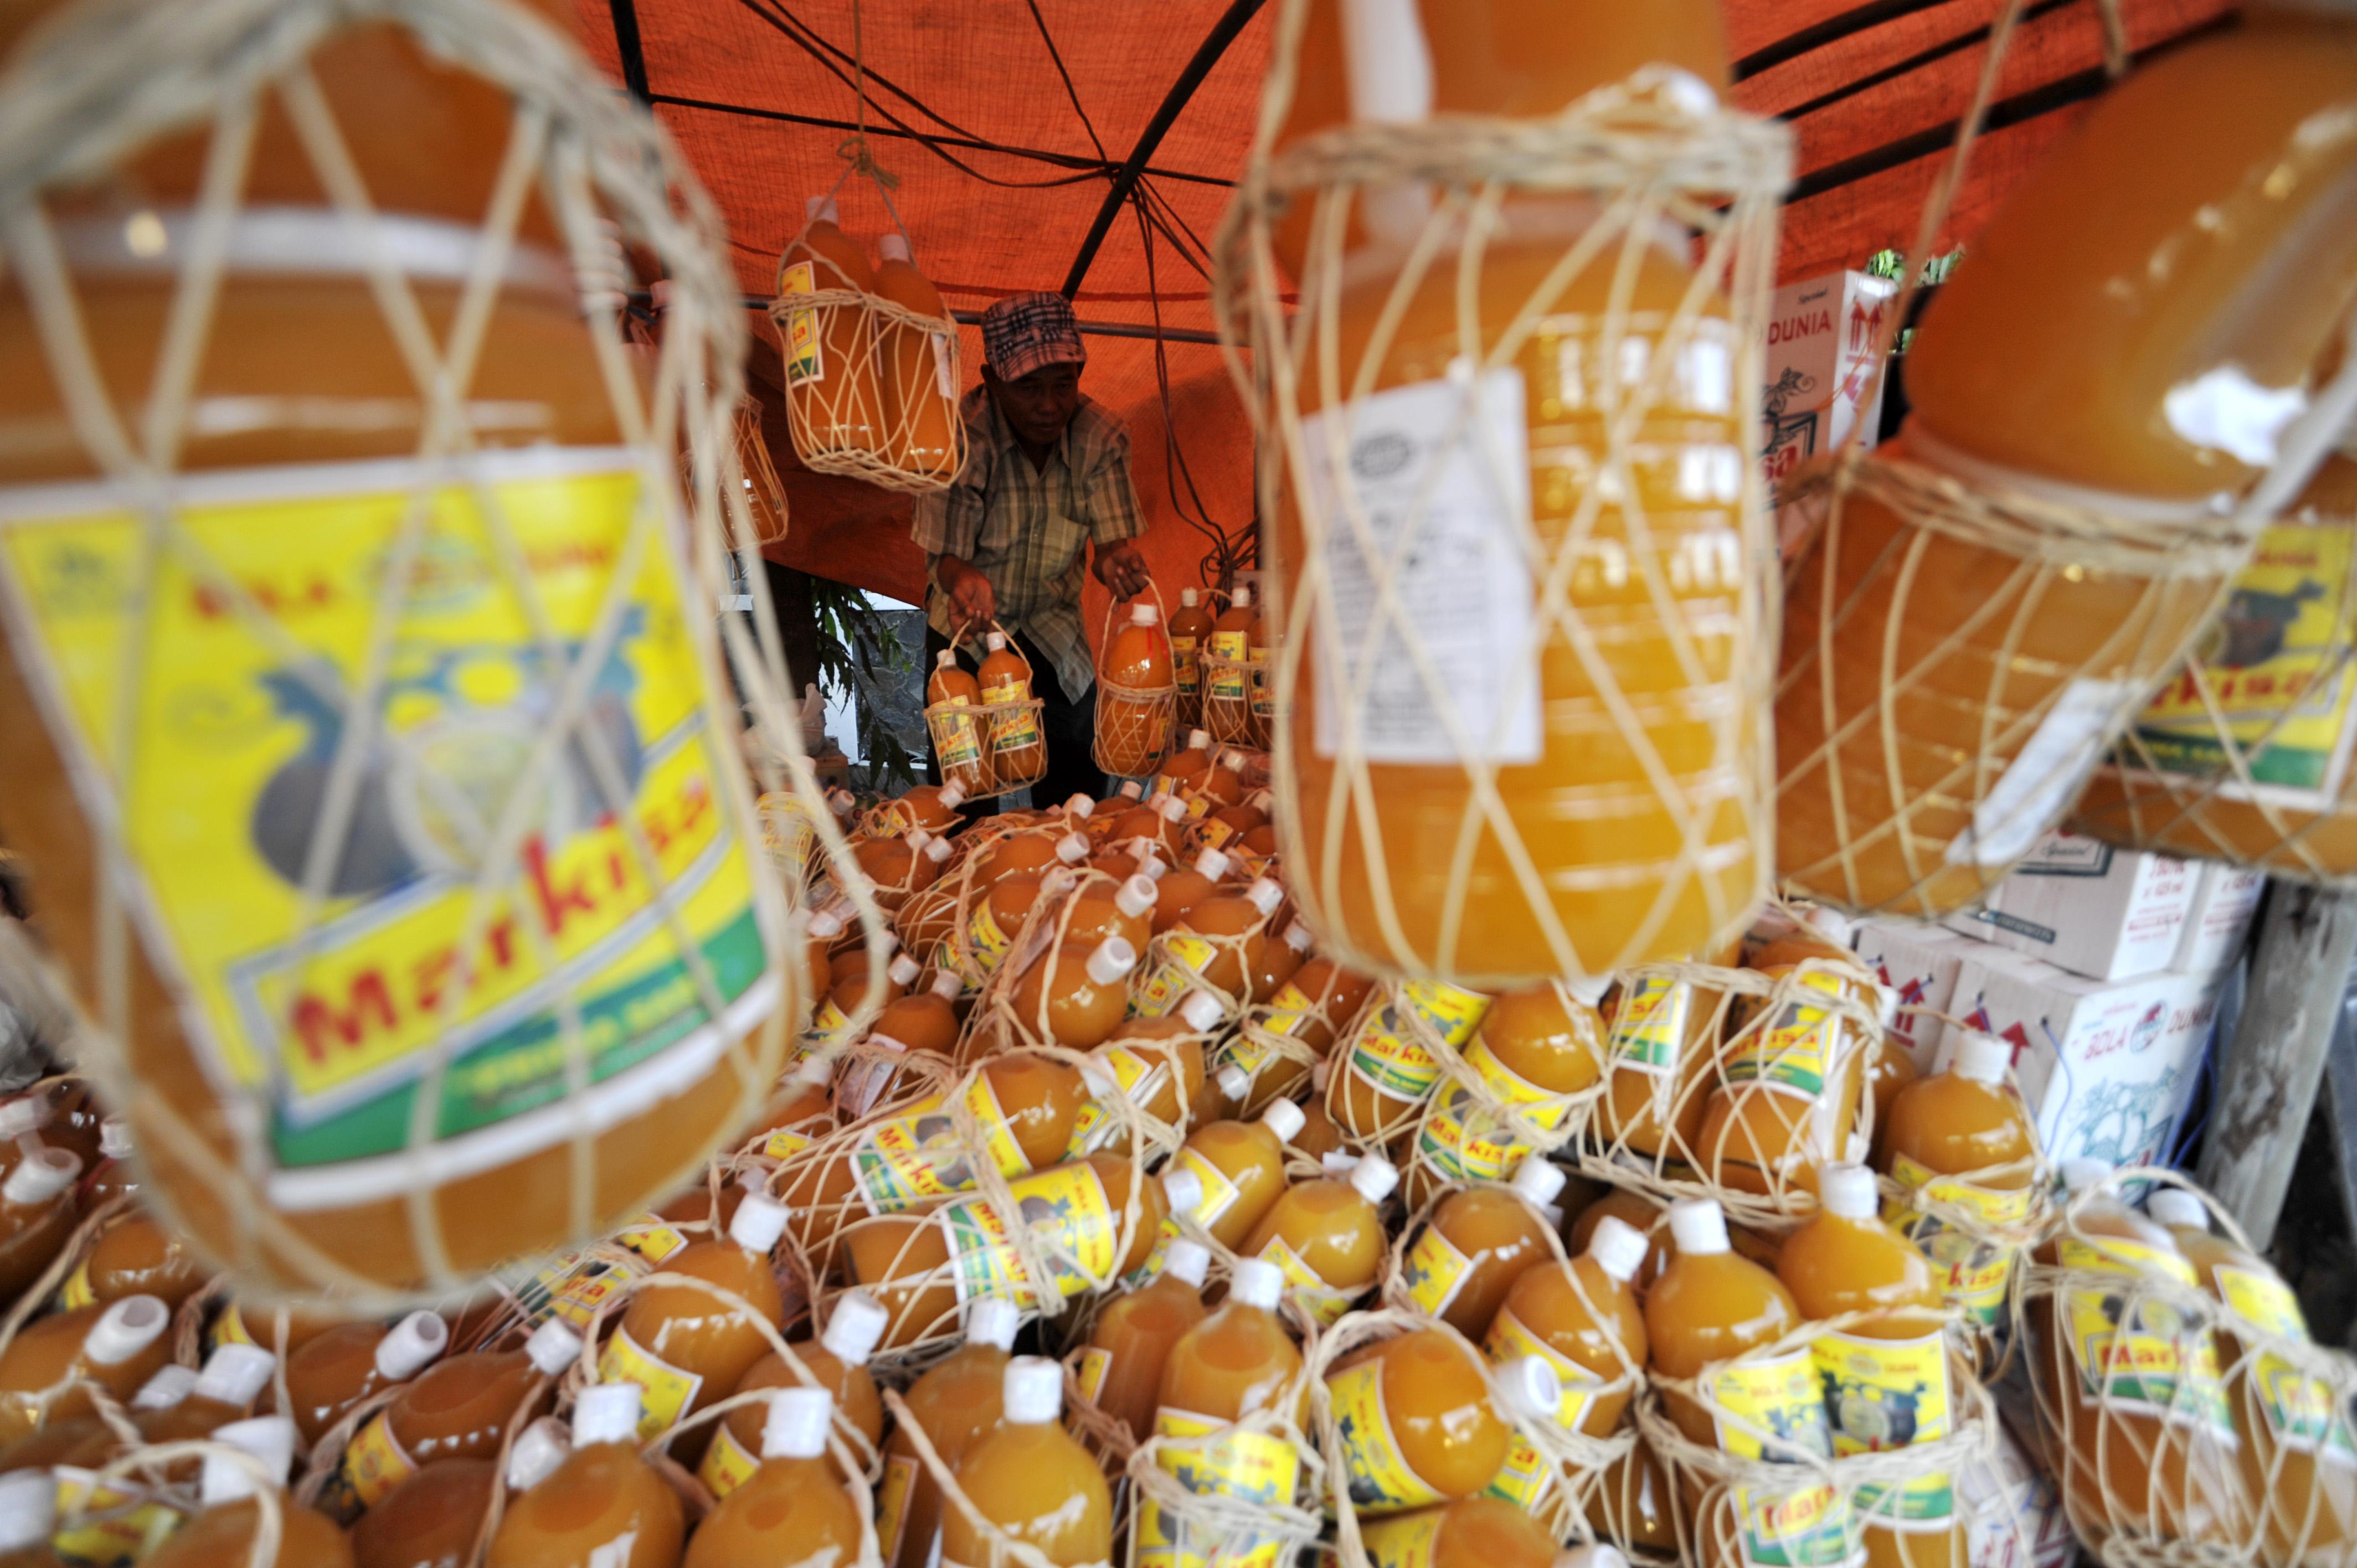 Penjualan Sirup Markisa di Makassar - Vibizmedia.com